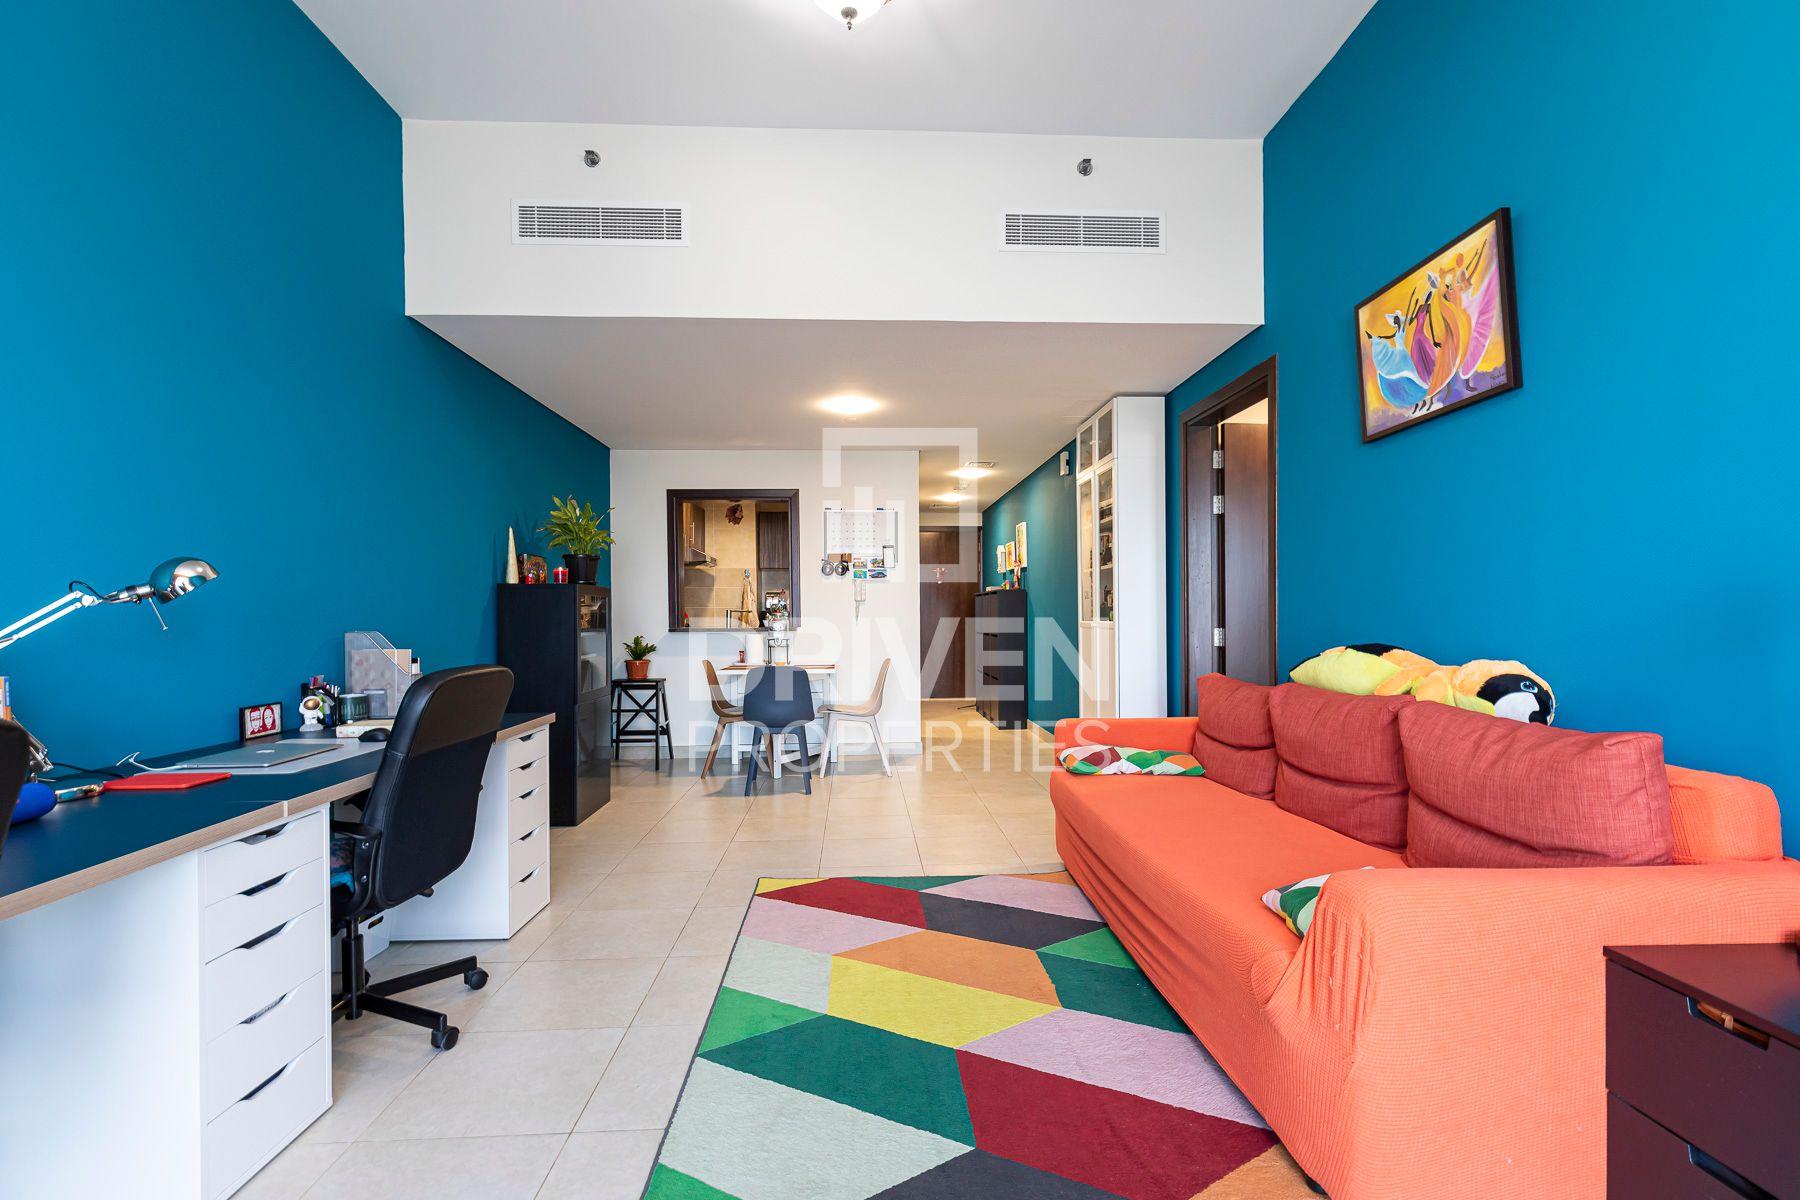 831 قدم مربع  شقة - للبيع - دبي لاند